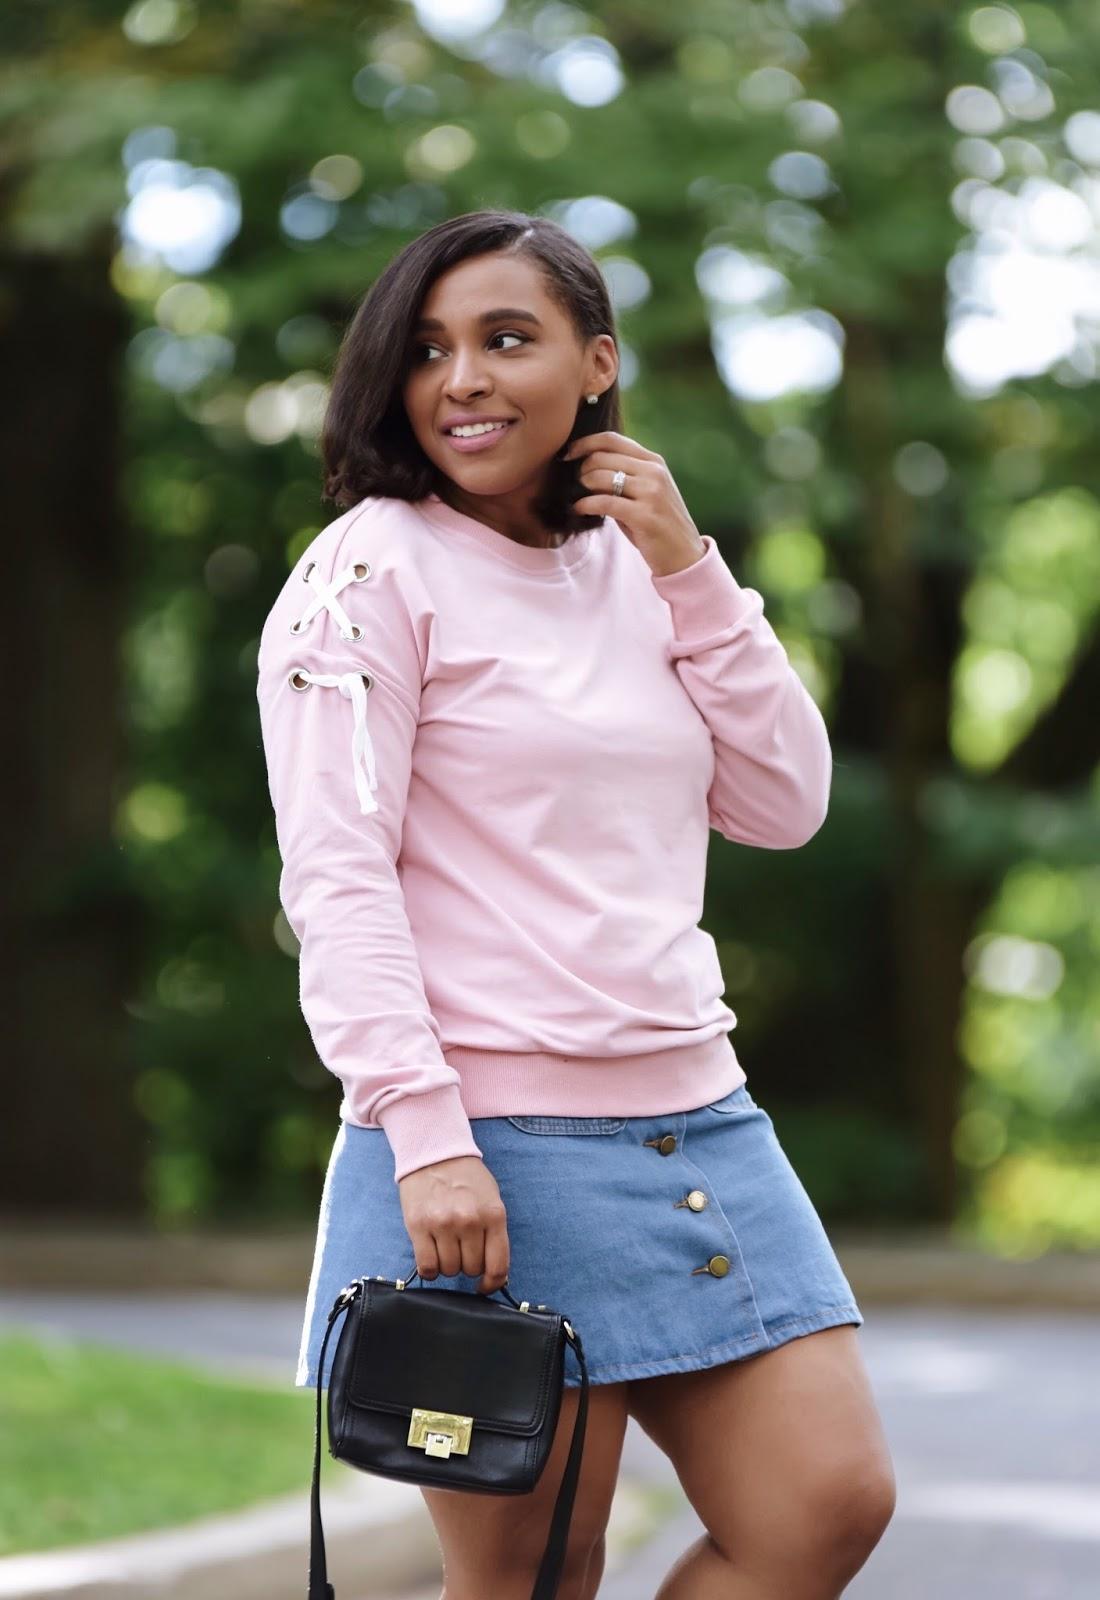 Sweater weather, fall outfits, stylish fall sweaters, pink sweaters, fall sweaters, fall outfit ideas